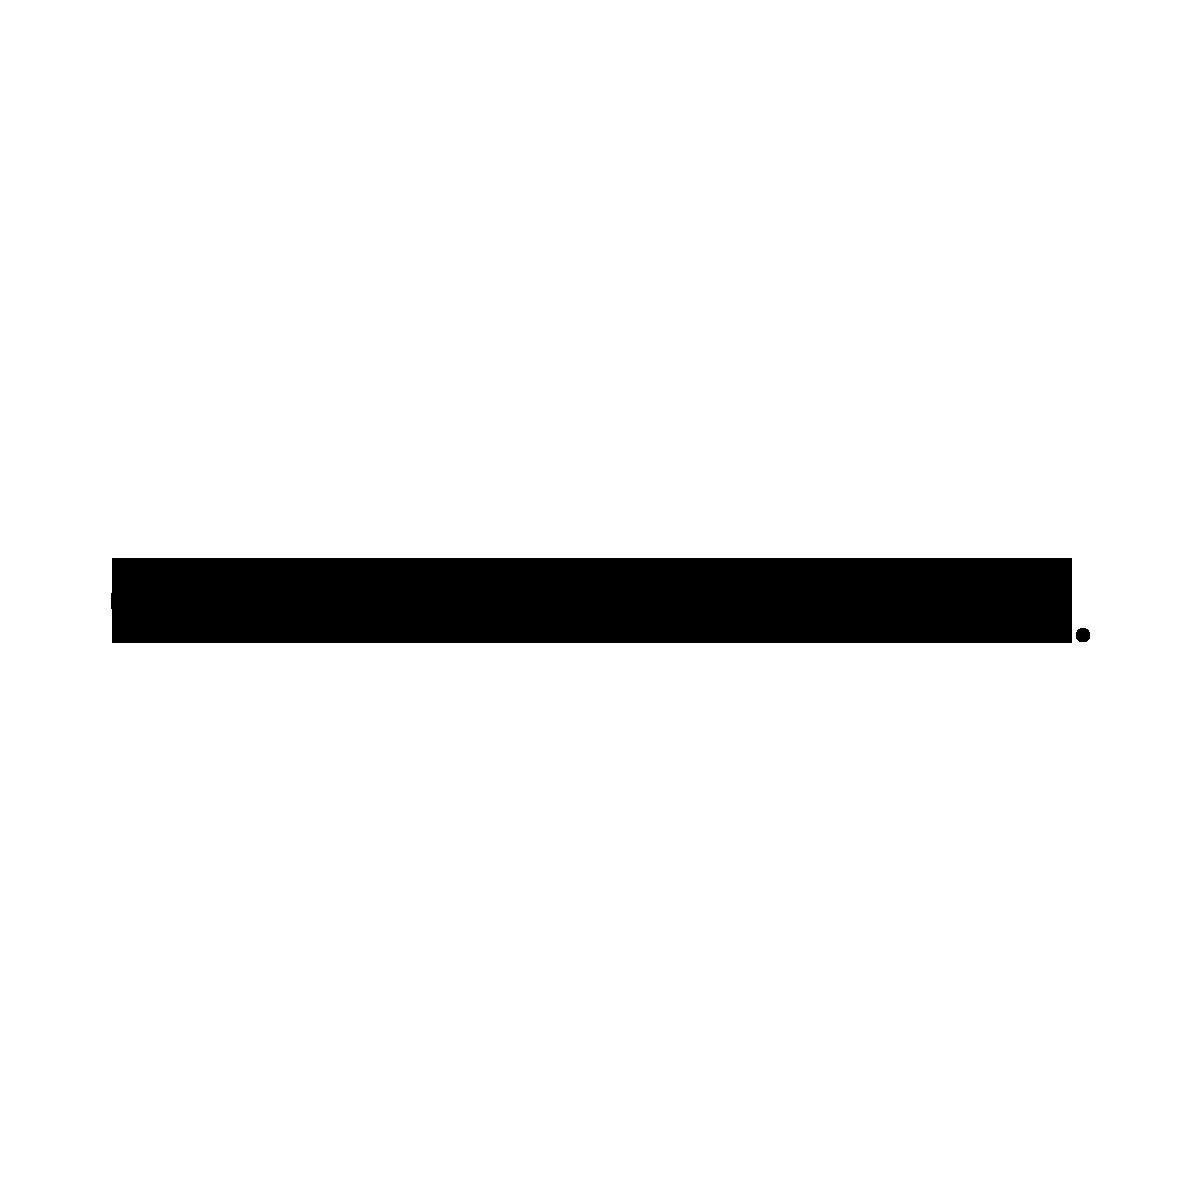 Cross-body tas van taupekleurig handgeschuurd leer fred de la bretoniere 232010006 binnenkant rits